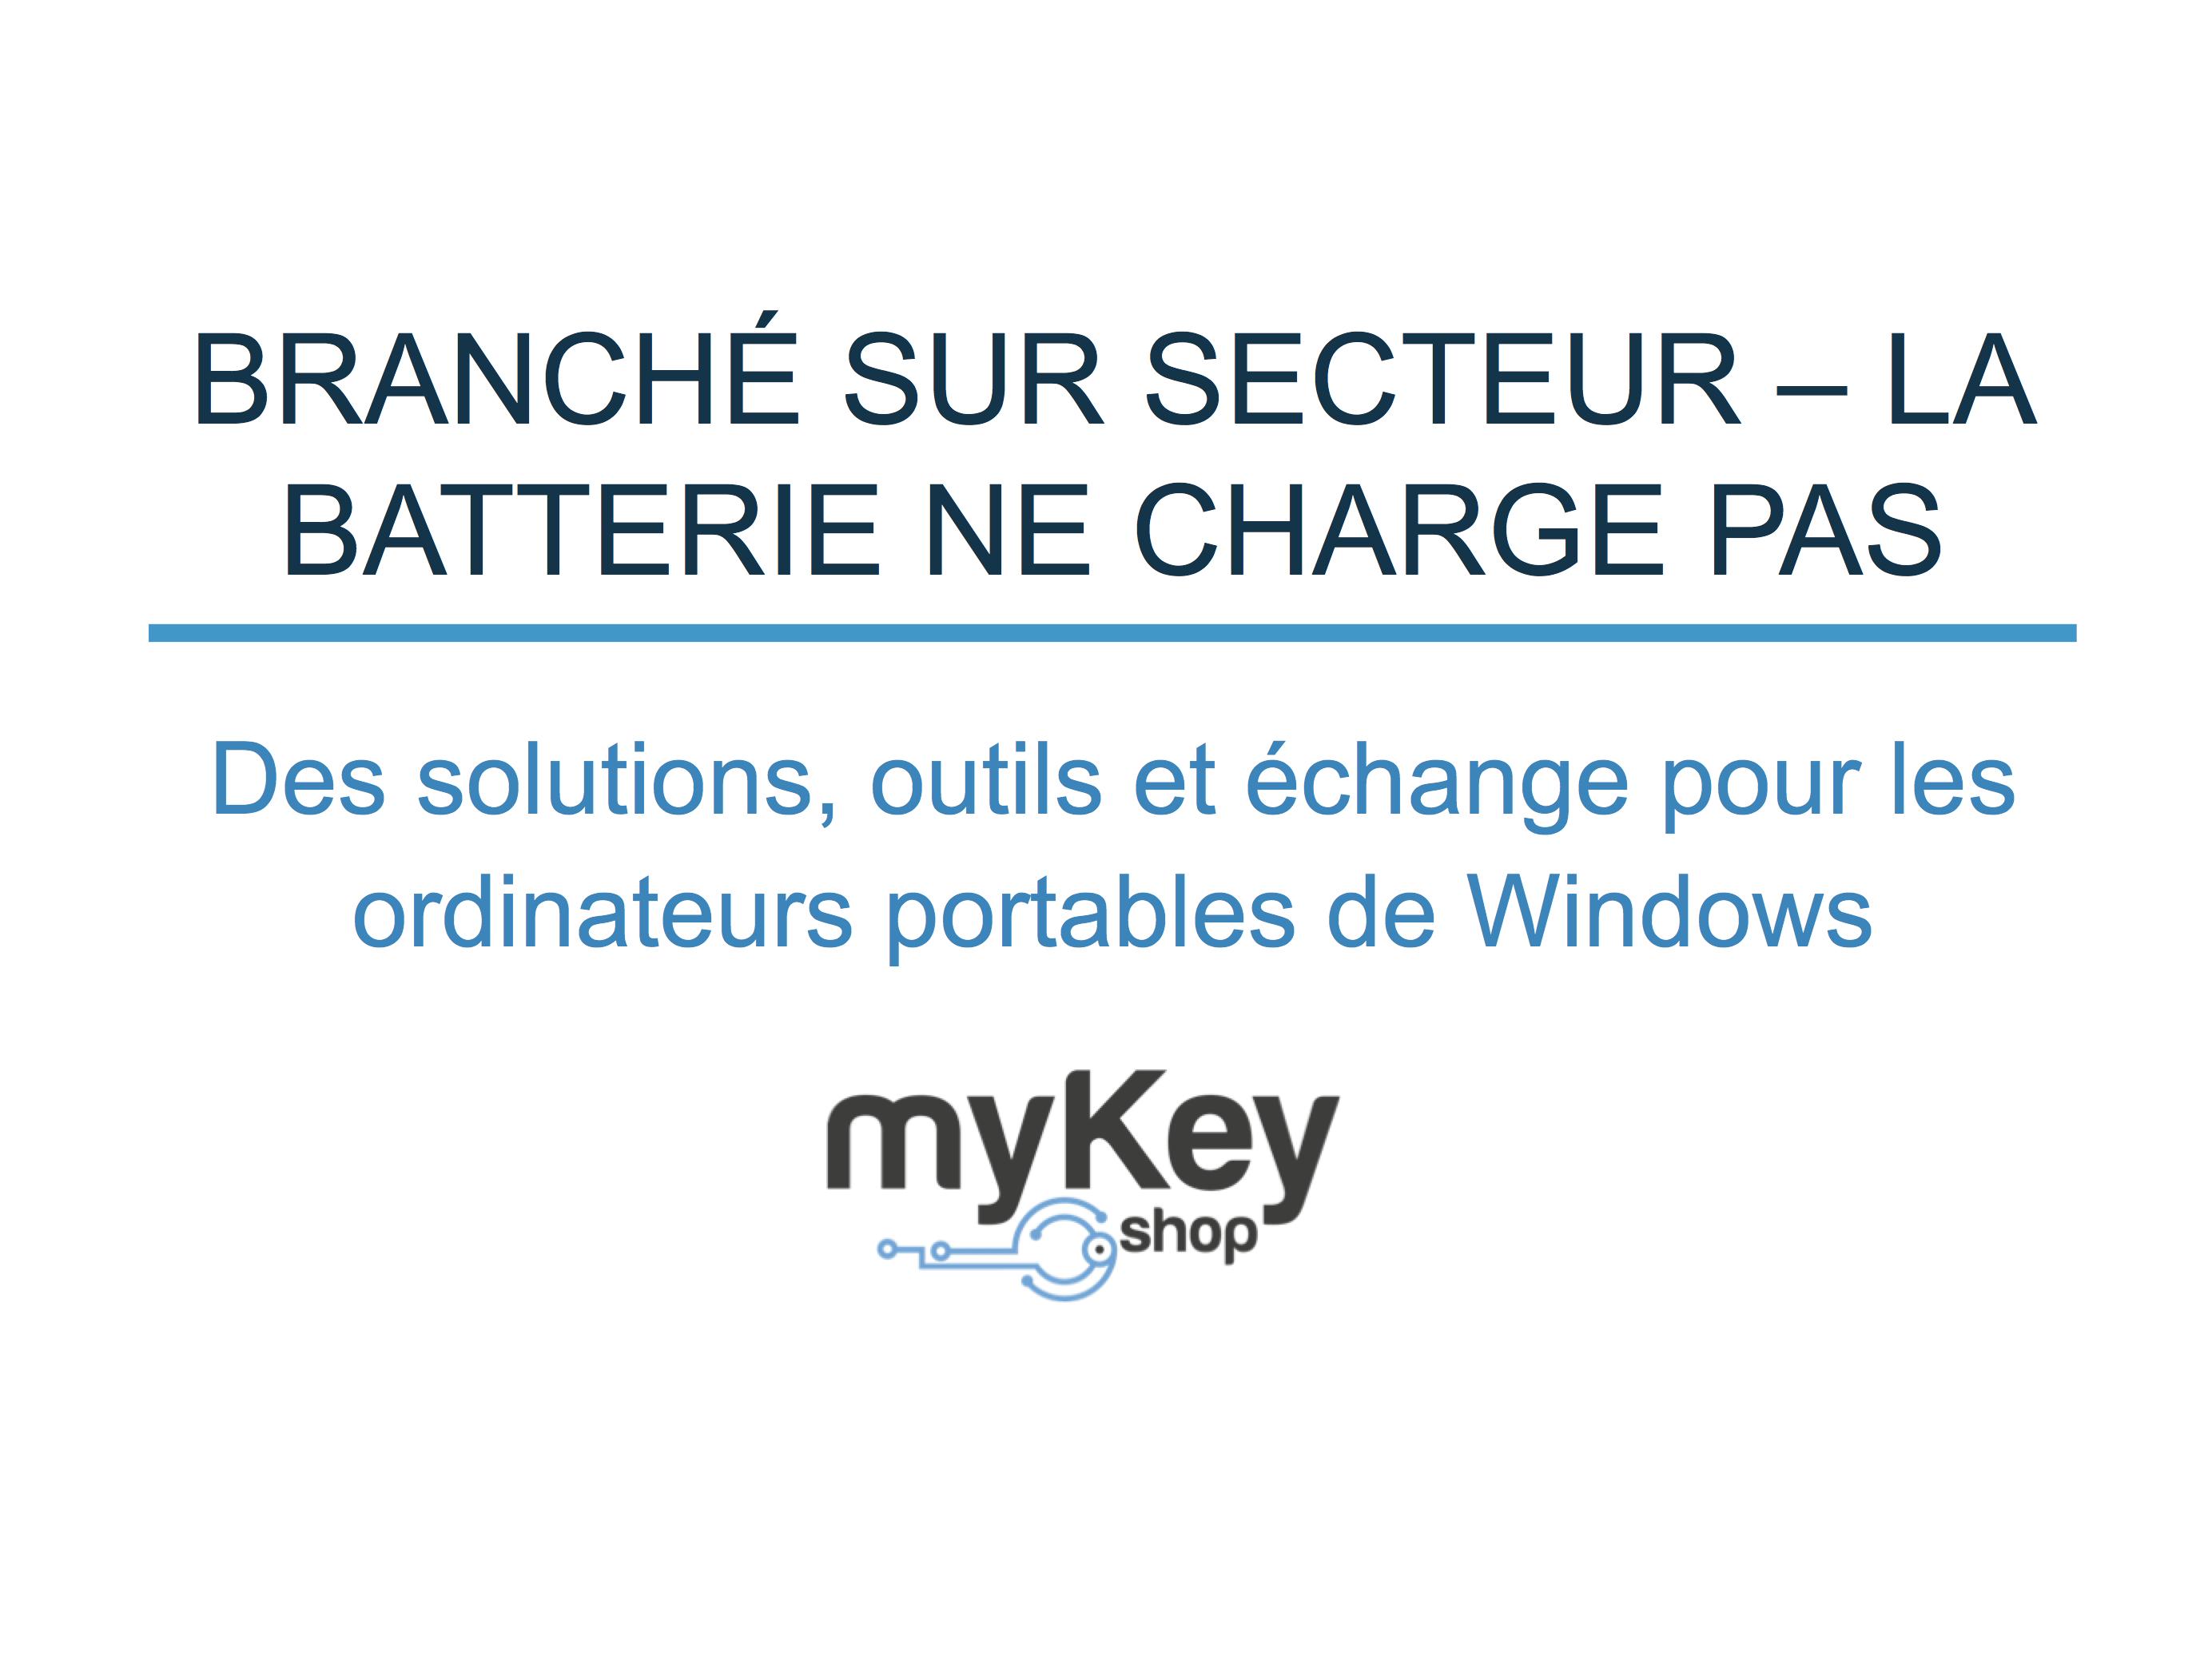 Branche sur secteur Batterie